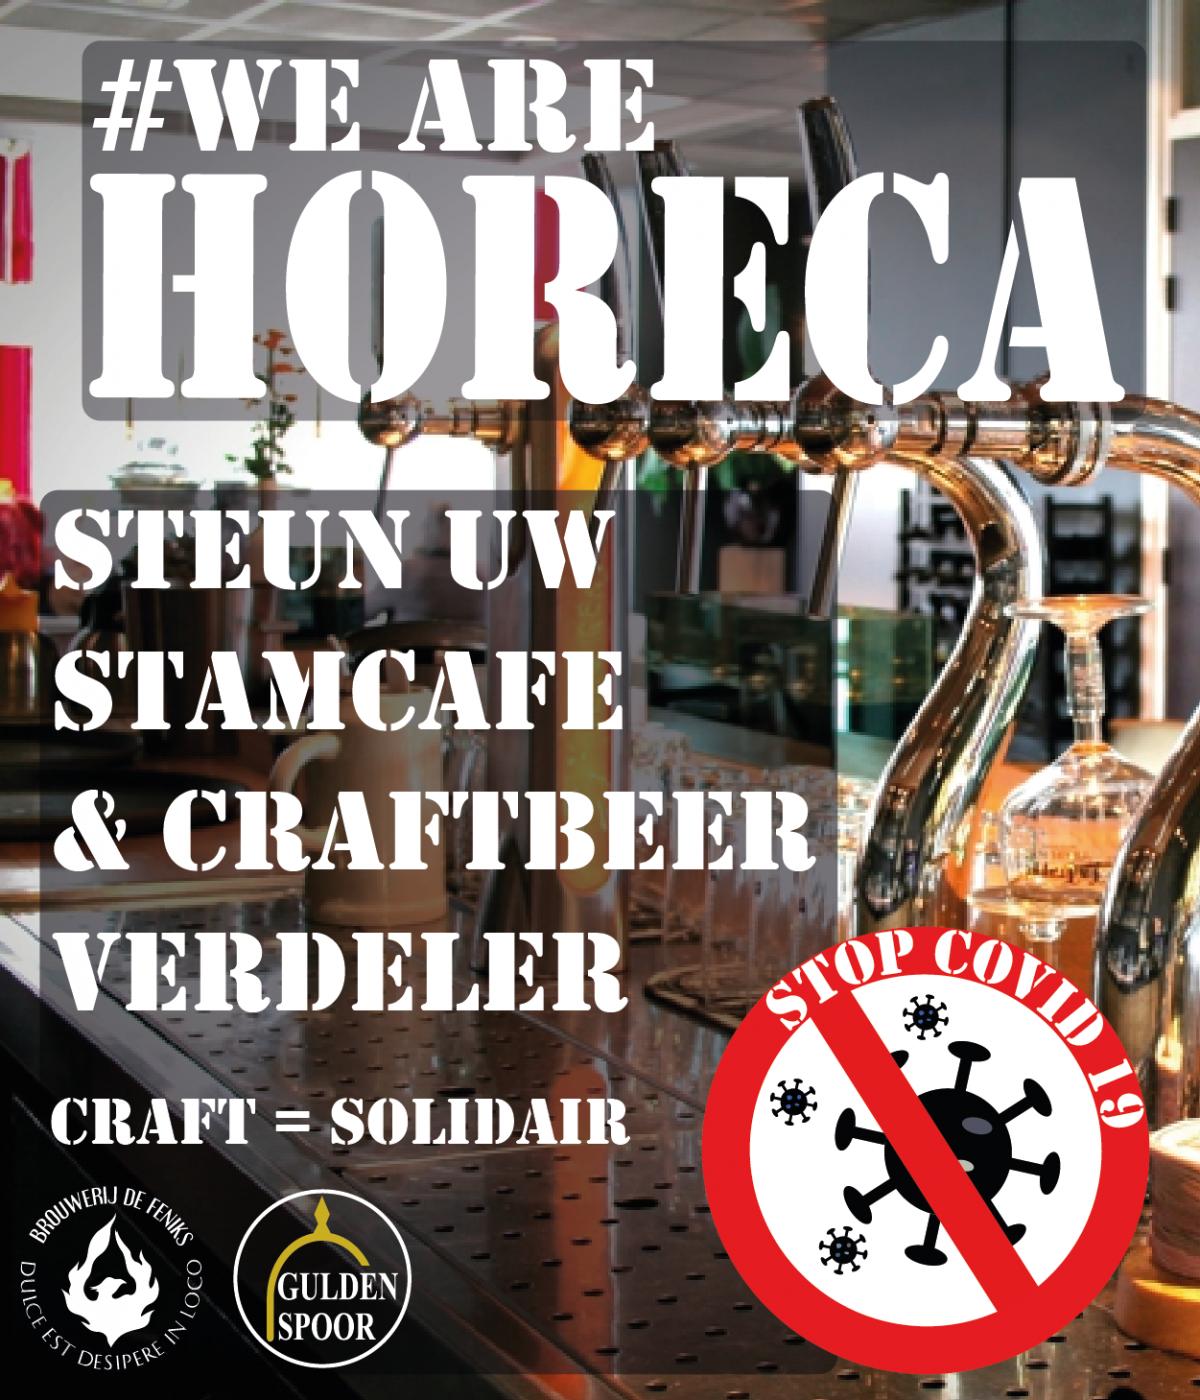 We are horeca